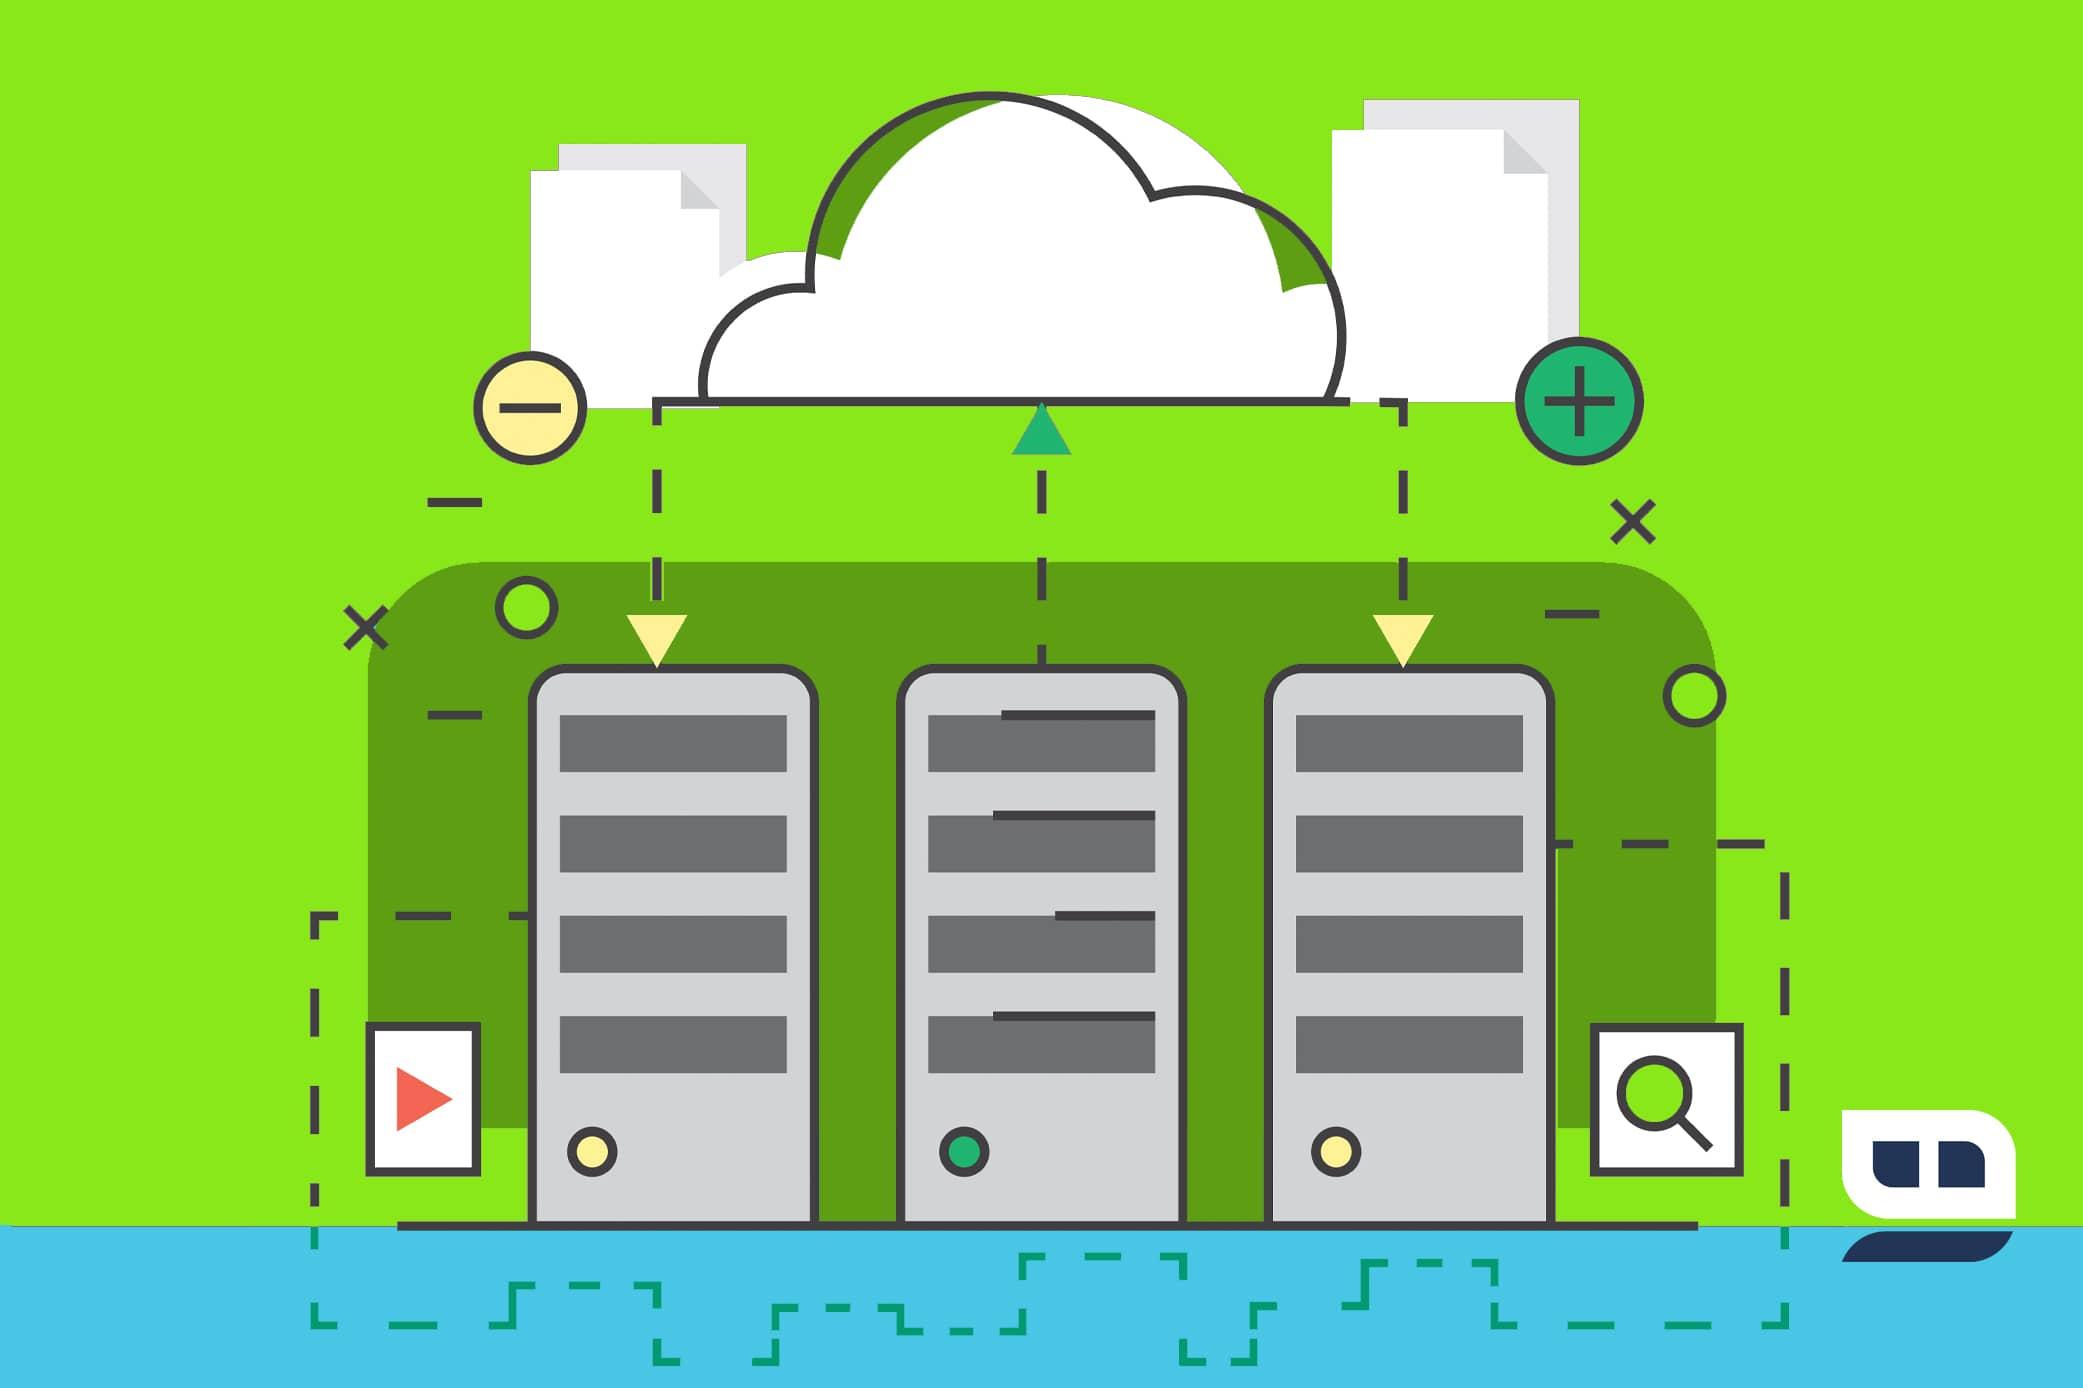 تصویر Database چیست؟ انواع پایگاه داده و کاربرد آنها